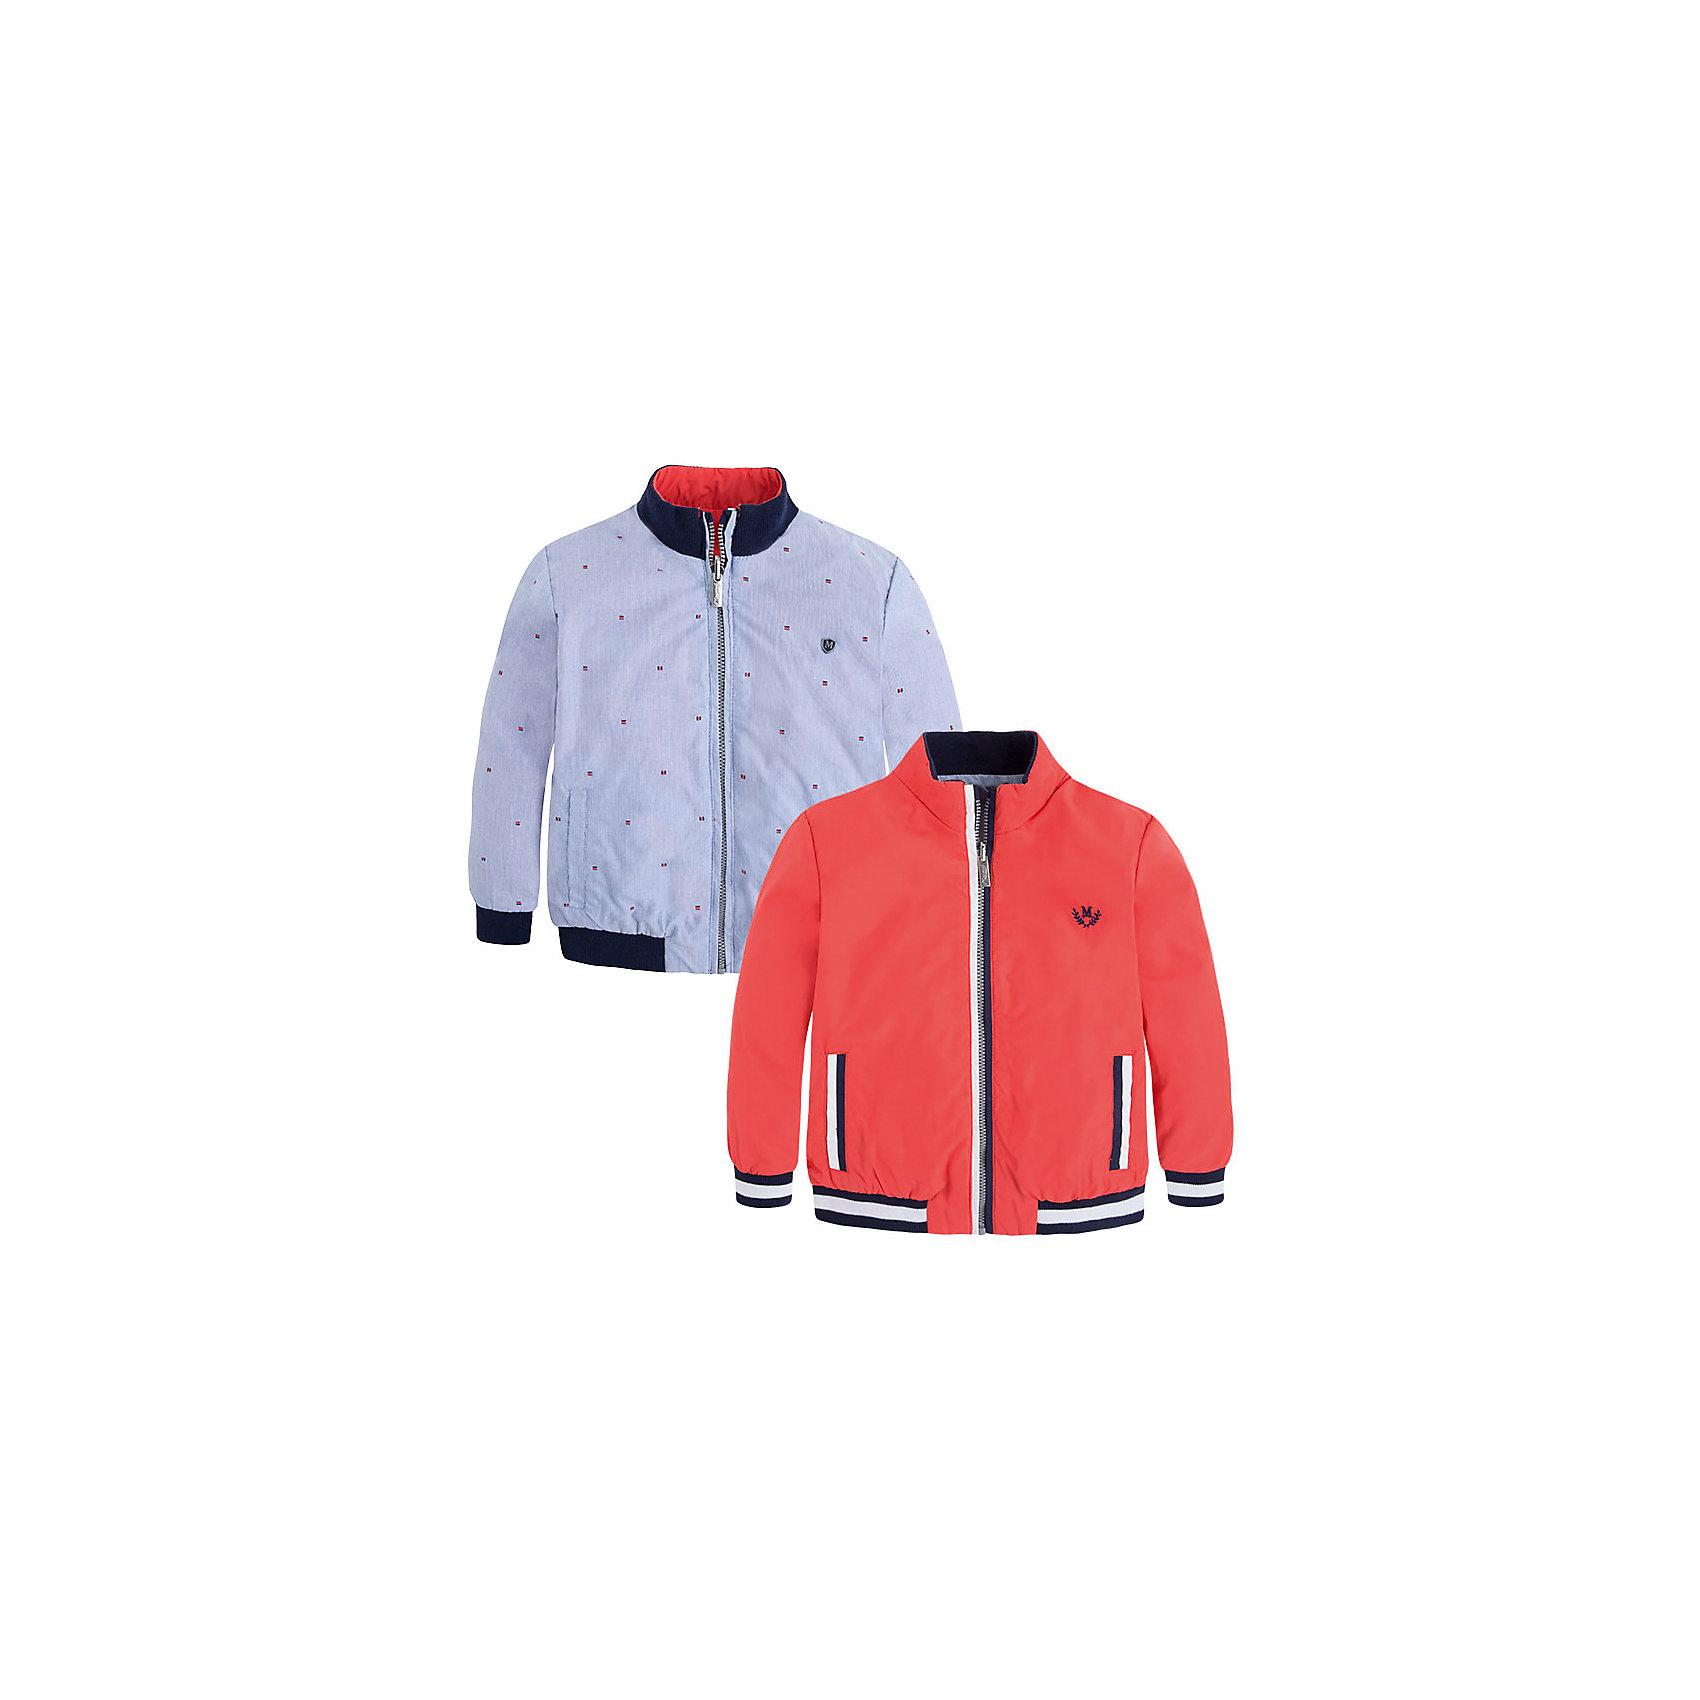 Ветровка для мальчика MayoralВерхняя одежда<br>Ветровка для мальчика от известной испанской марки Mayoral - прекрасный вариант для вашего ребенка.<br><br>Дополнительная информация:<br><br>- Двухсторонняя модель. <br>- Цвет: красный/голубой. <br>- Застегивается на молнию.<br>- Практичная водонепроницаемая ткань. <br>- Воротник-стойка.<br>- Манжеты и низ - с резинкой в рубчик. <br>- На груди - вышивка (на красной стороне); принт и аппликация (на голубой стороне). <br>- Состав: верх - 100% полиамид; подкладка - 100% хлопок.<br><br>Ветровку для мальчика Mayoral (Майорал) можно купить в нашем магазине.<br><br>Ширина мм: 356<br>Глубина мм: 10<br>Высота мм: 245<br>Вес г: 519<br>Цвет: розовый<br>Возраст от месяцев: 72<br>Возраст до месяцев: 84<br>Пол: Мужской<br>Возраст: Детский<br>Размер: 122,116,110,98,104,134,128,92<br>SKU: 4542251